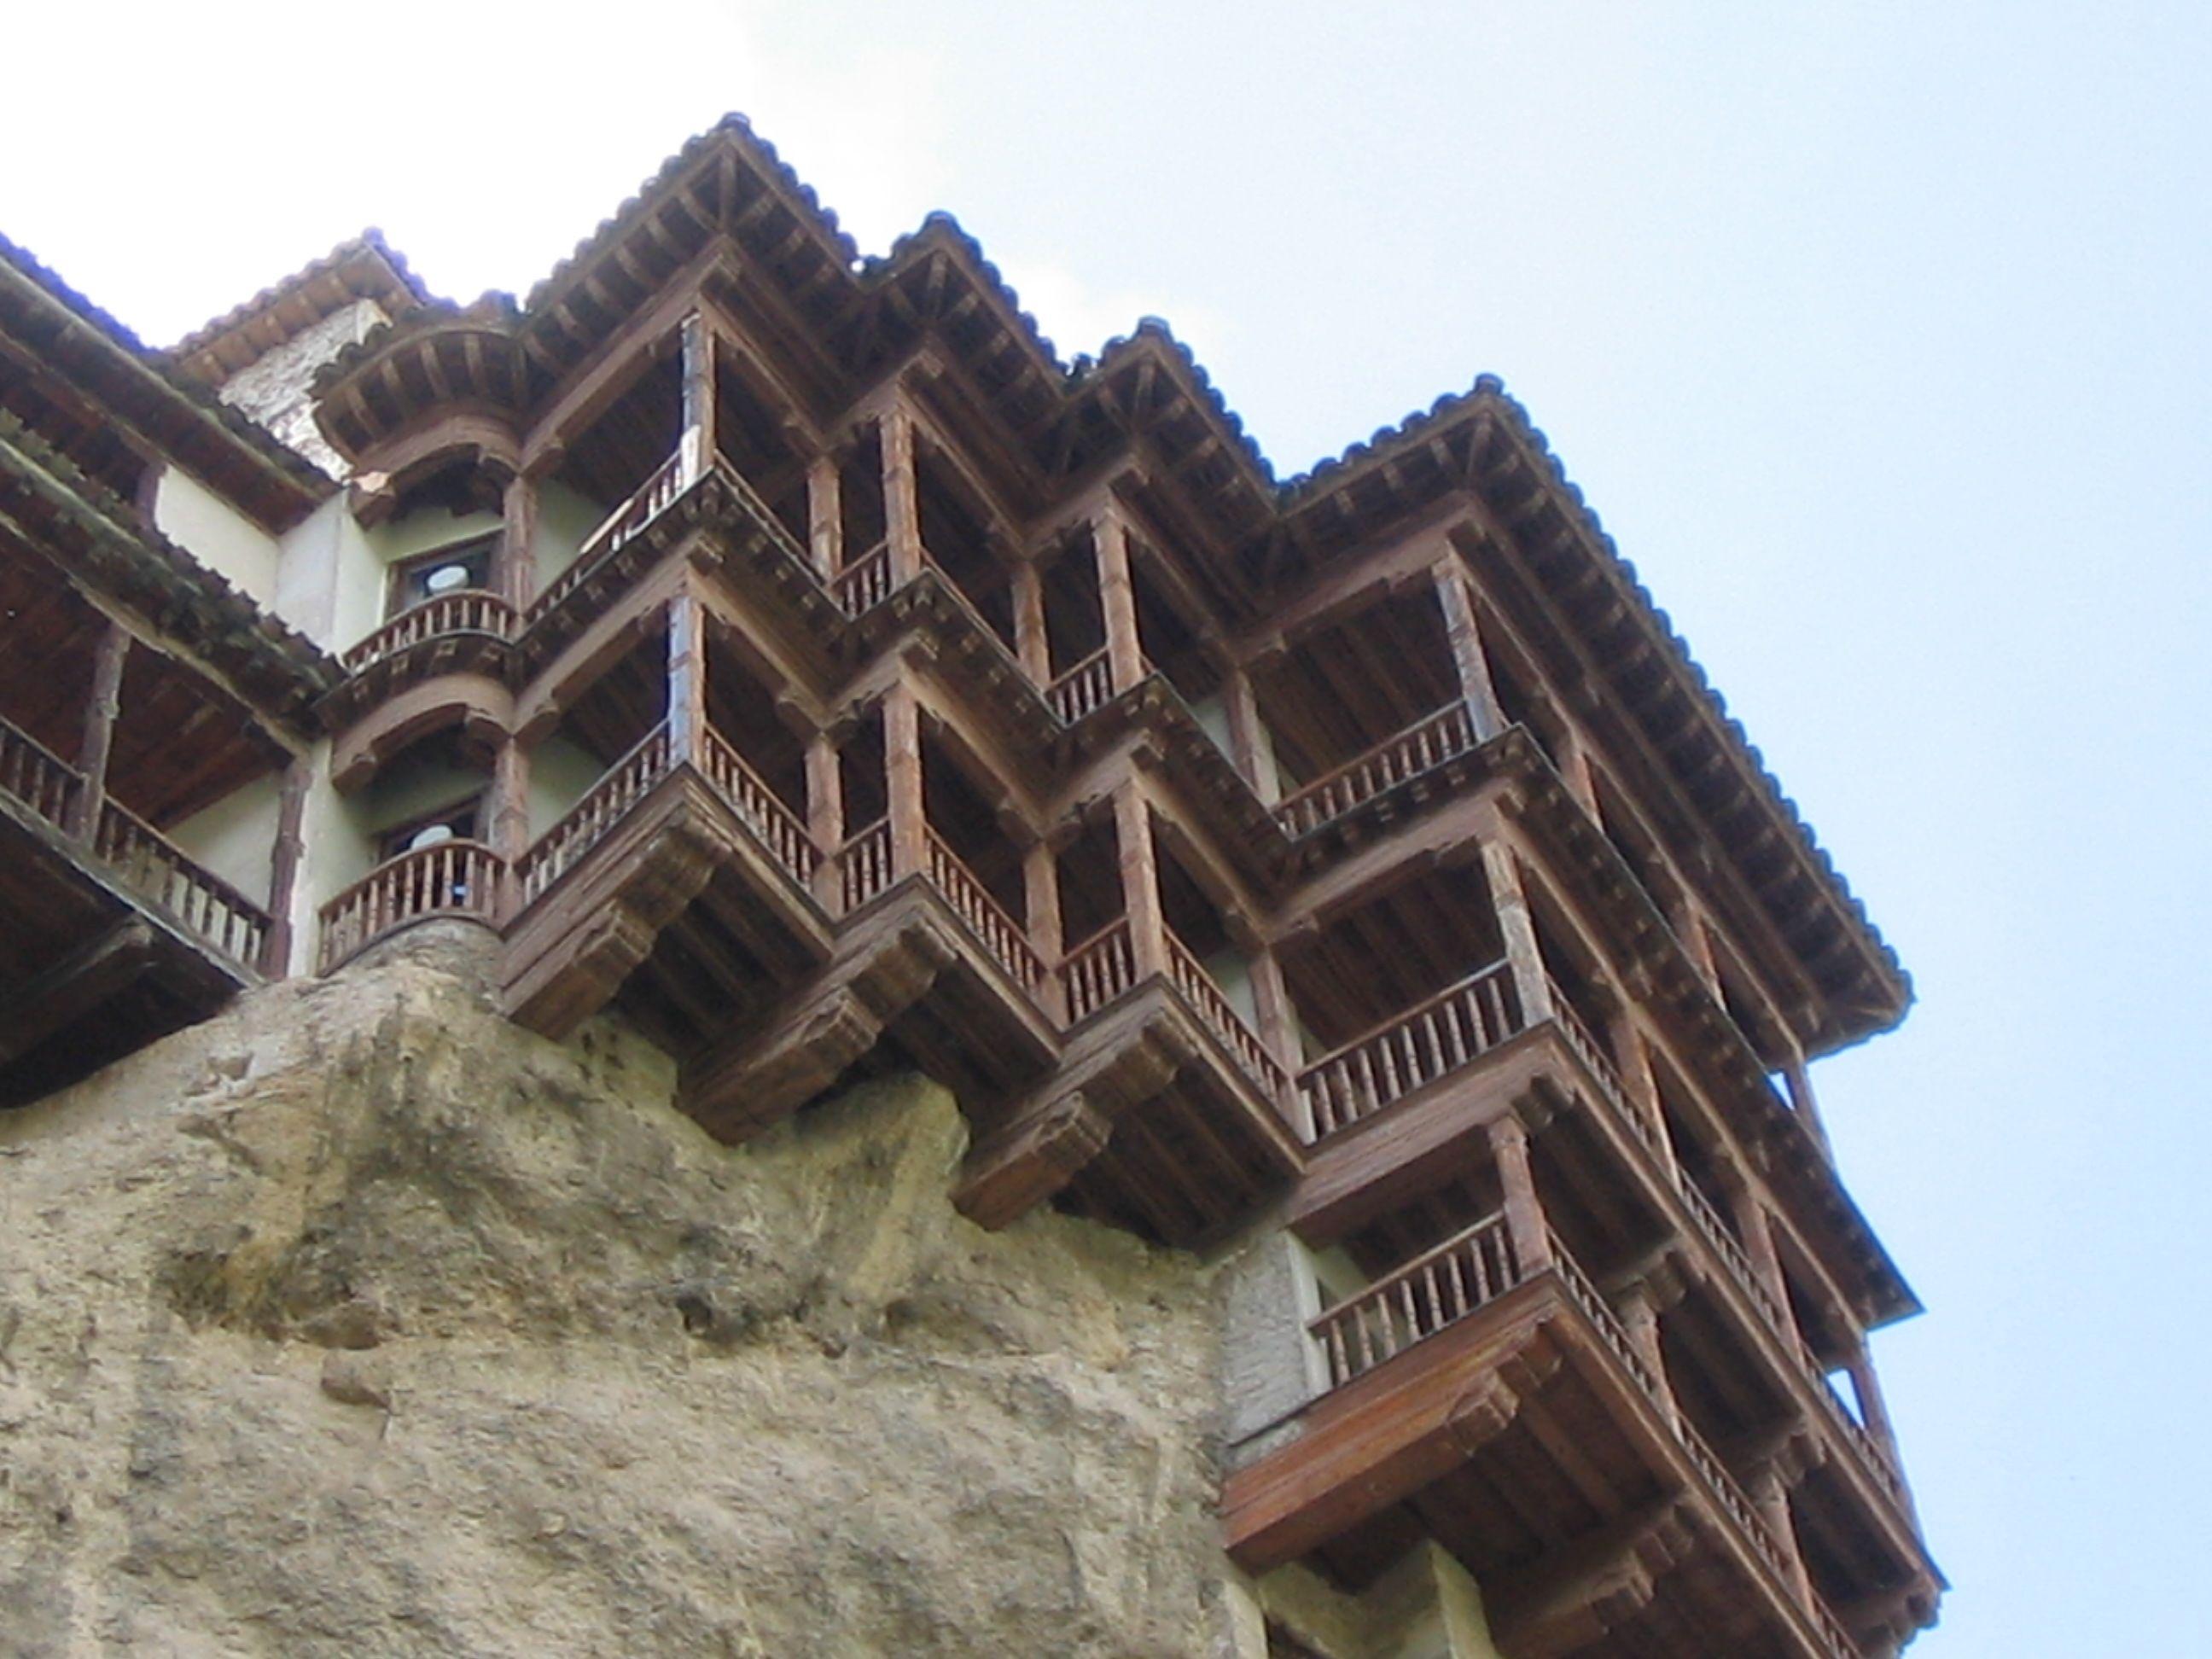 Las casas Colgadas de Cuenca, España. Son patrimonio de la humanidad y una atracción turística que hay que conocer.